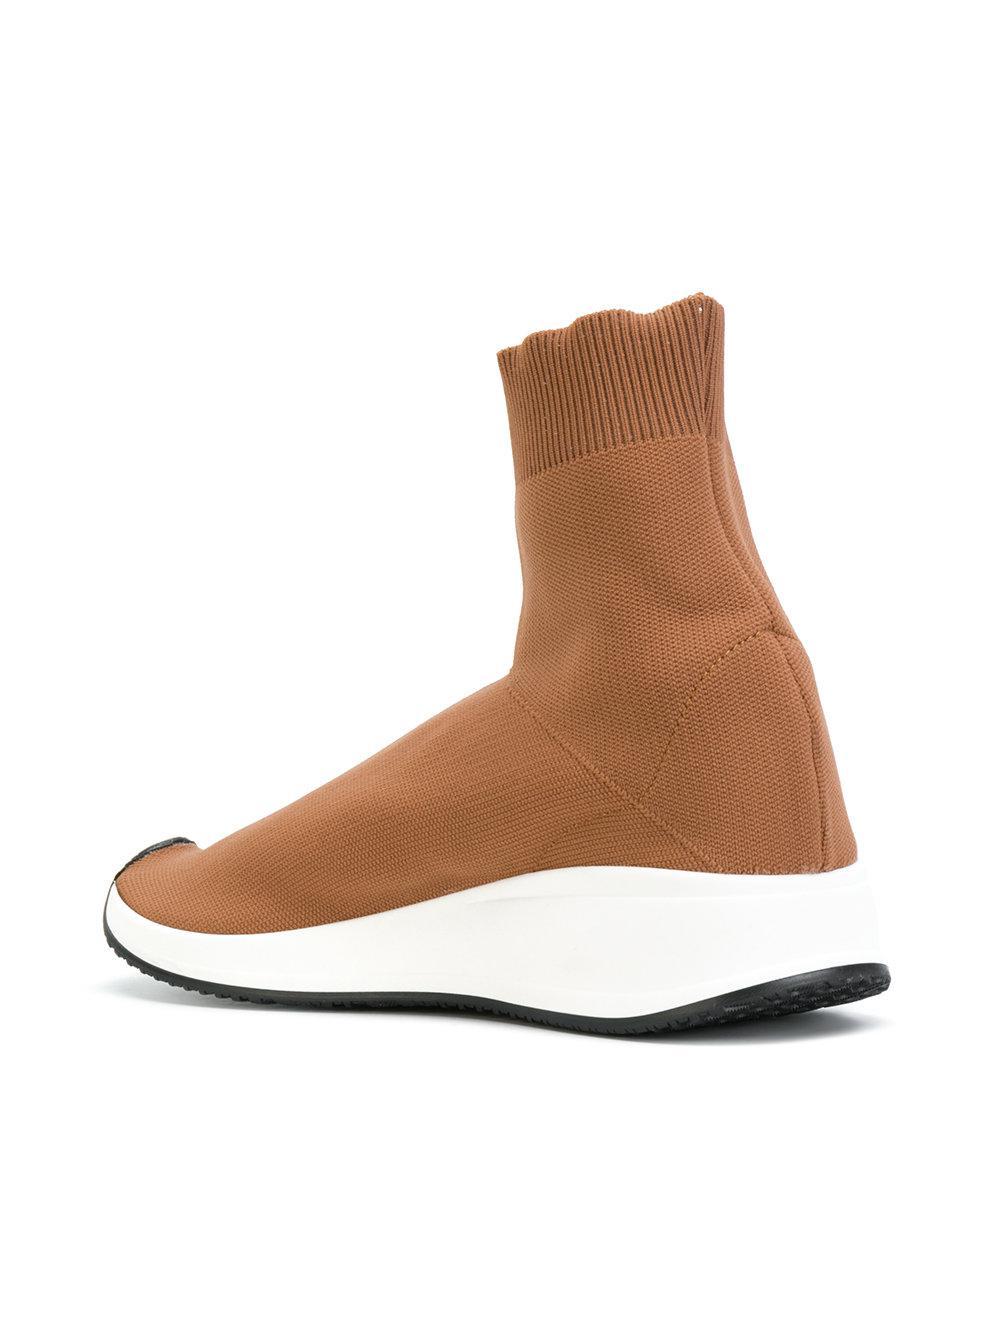 Joshua Sanders Leather Sock Detail Sneakers in Brown